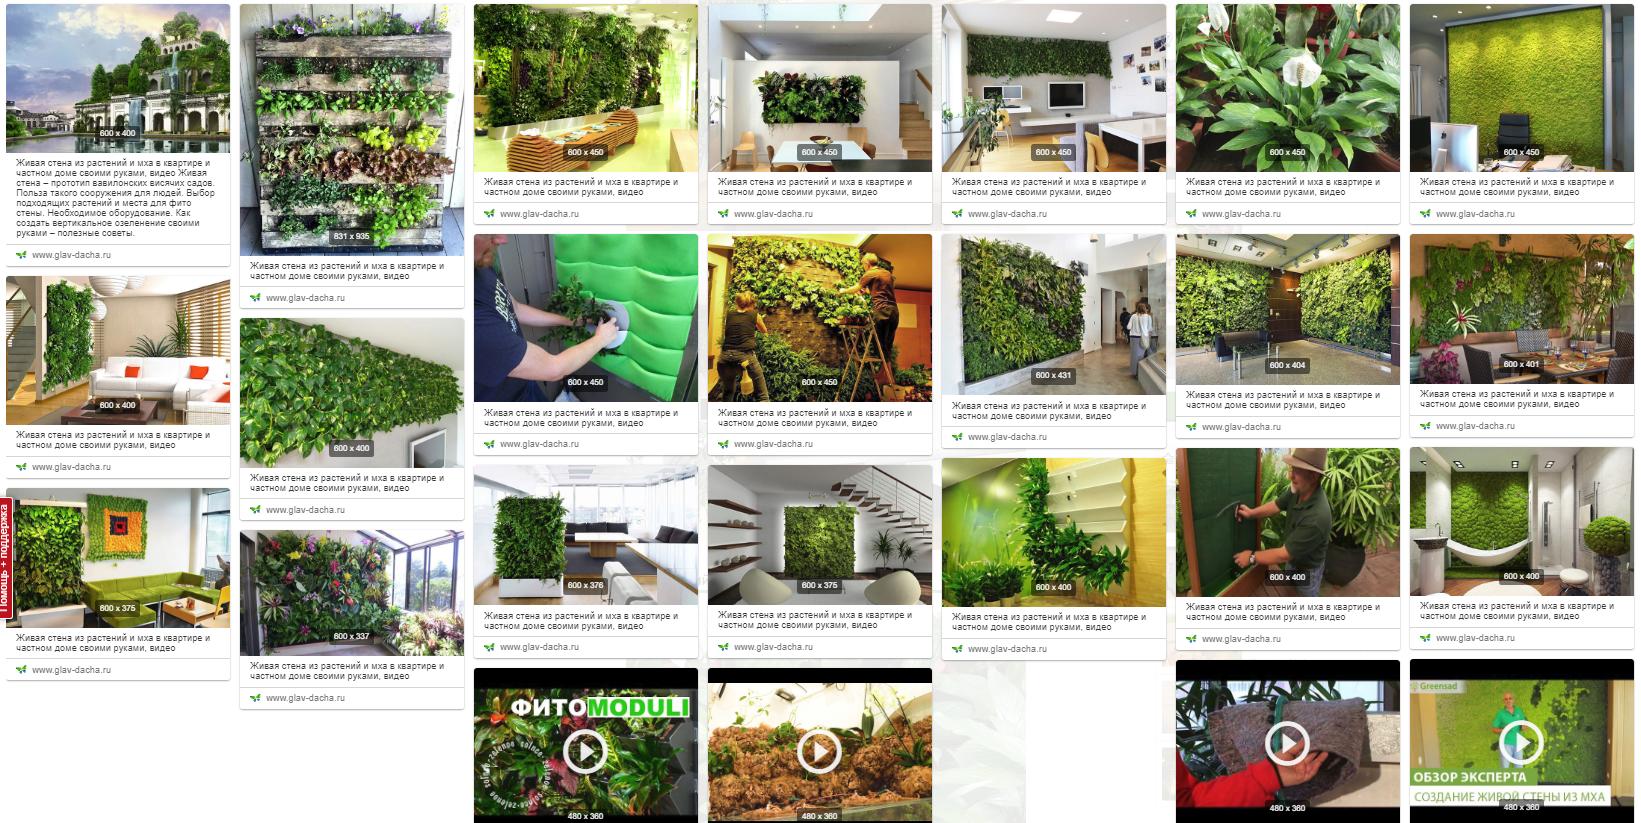 Оформление вертикального озеленения в квартирах